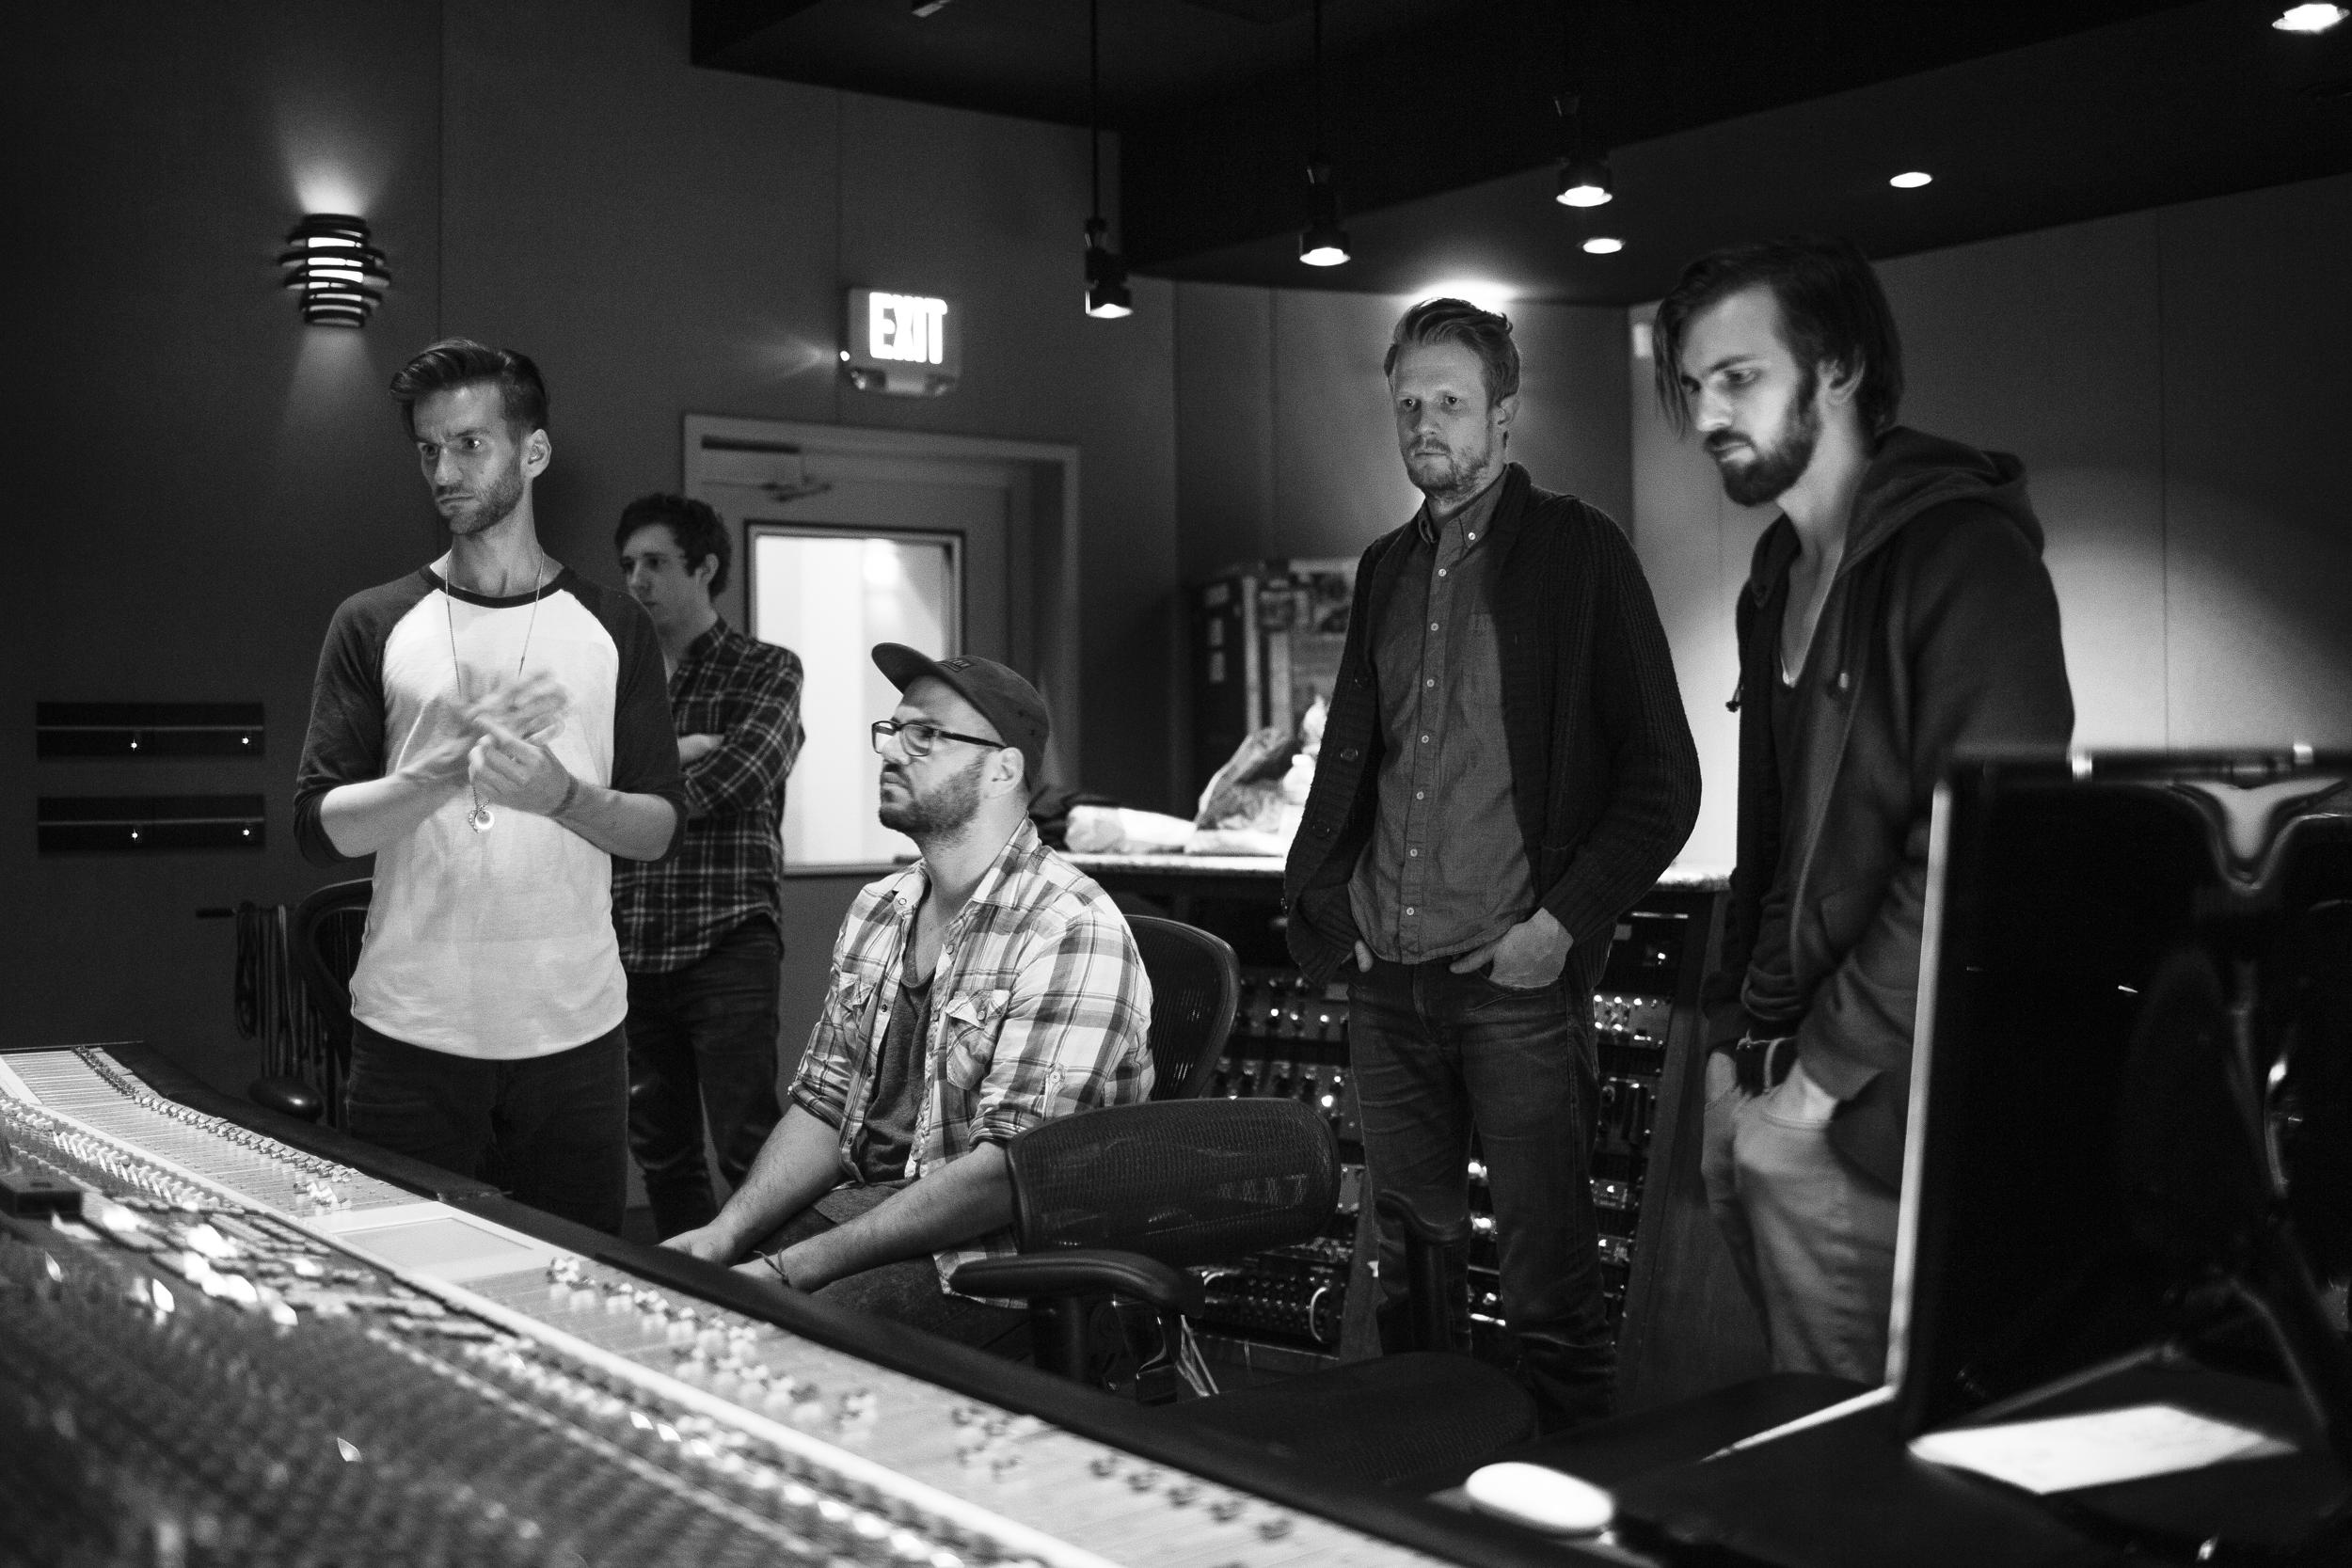 left to right:  Jonathan Thomas, Fiorentino, Dan, Ryan, Cam